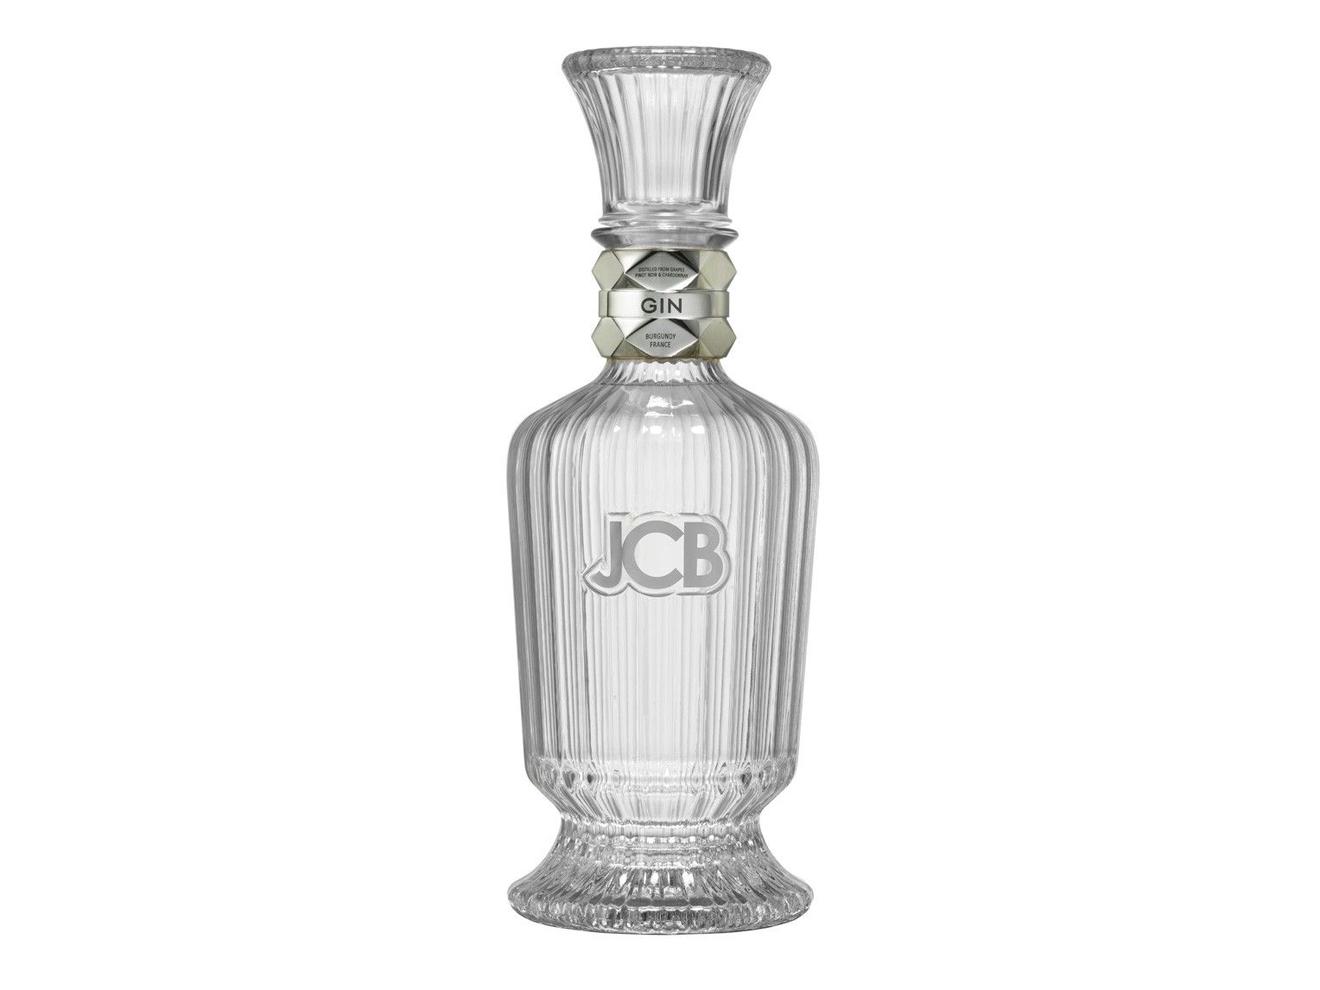 6 Best gin jcb